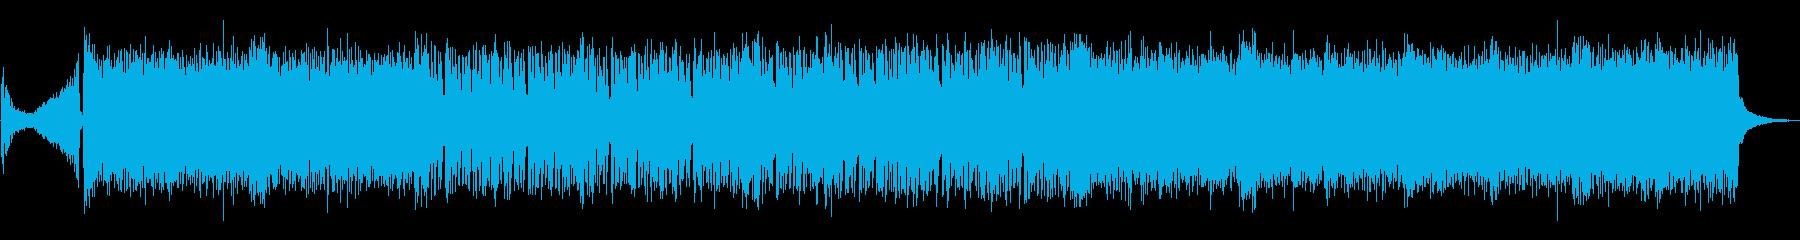 eスポーツハイライト用重いメタルの再生済みの波形